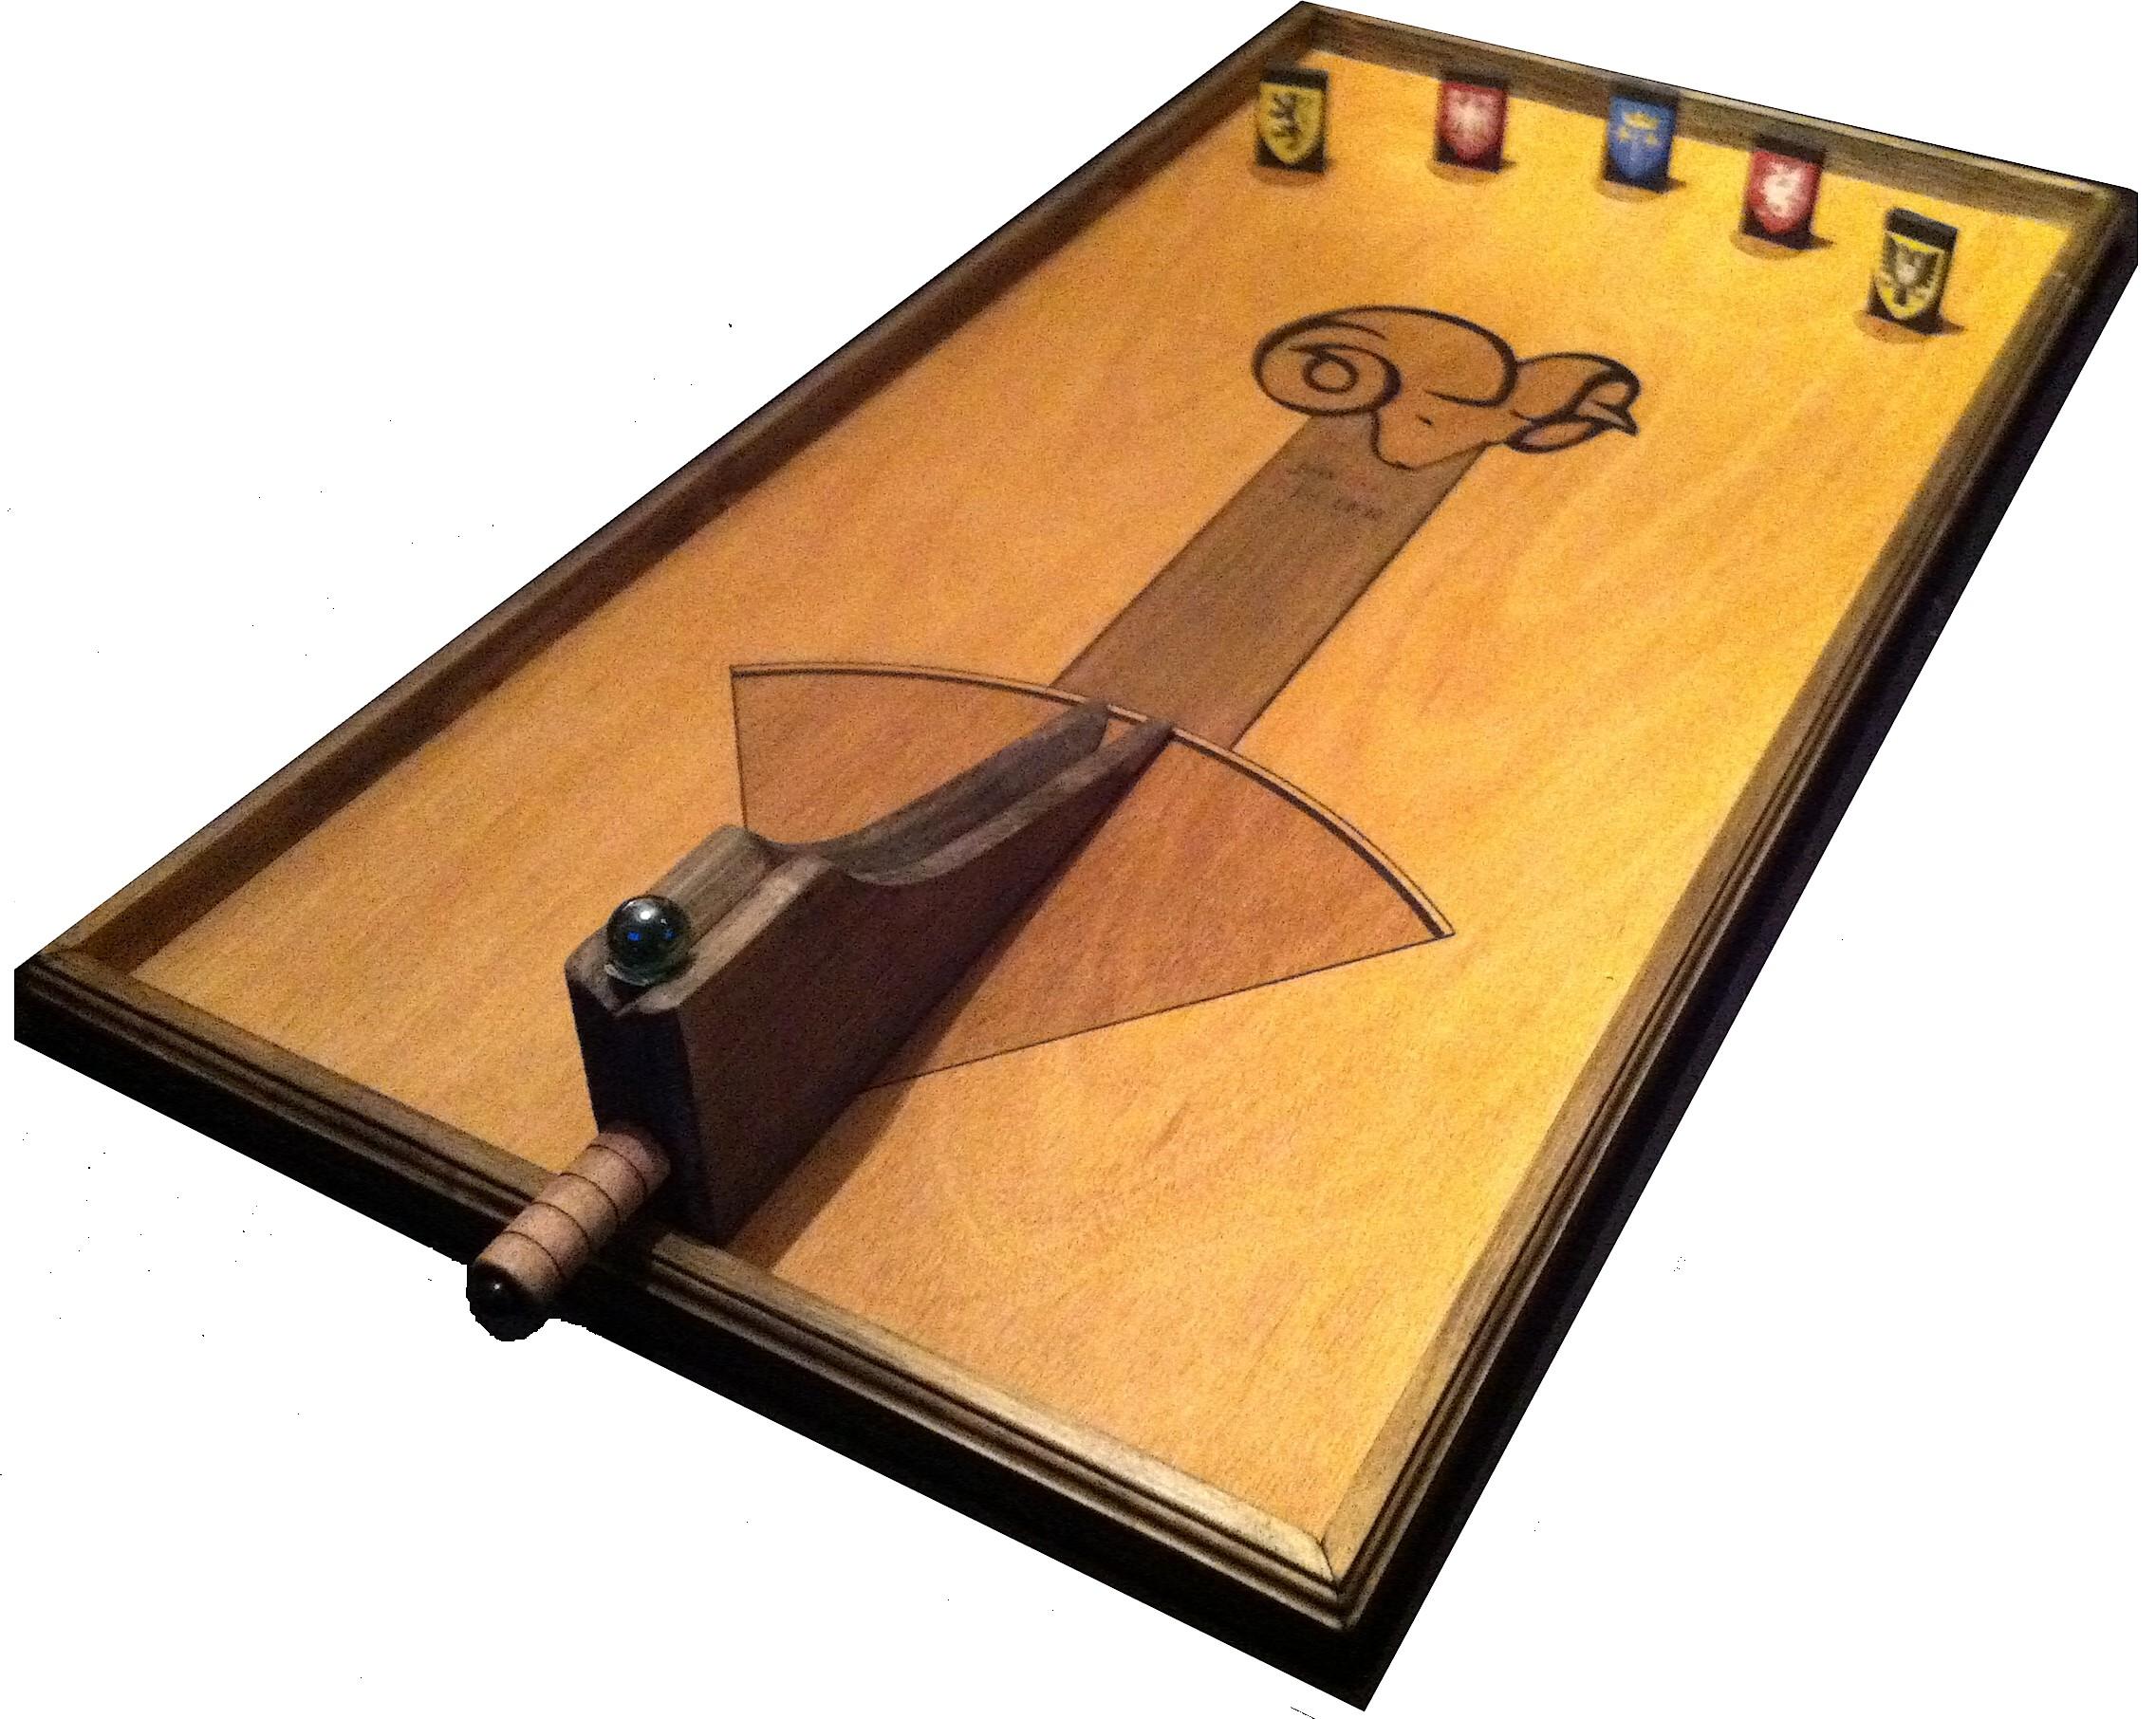 billard-belier jeux en bois fabuleuse famiy compagnie